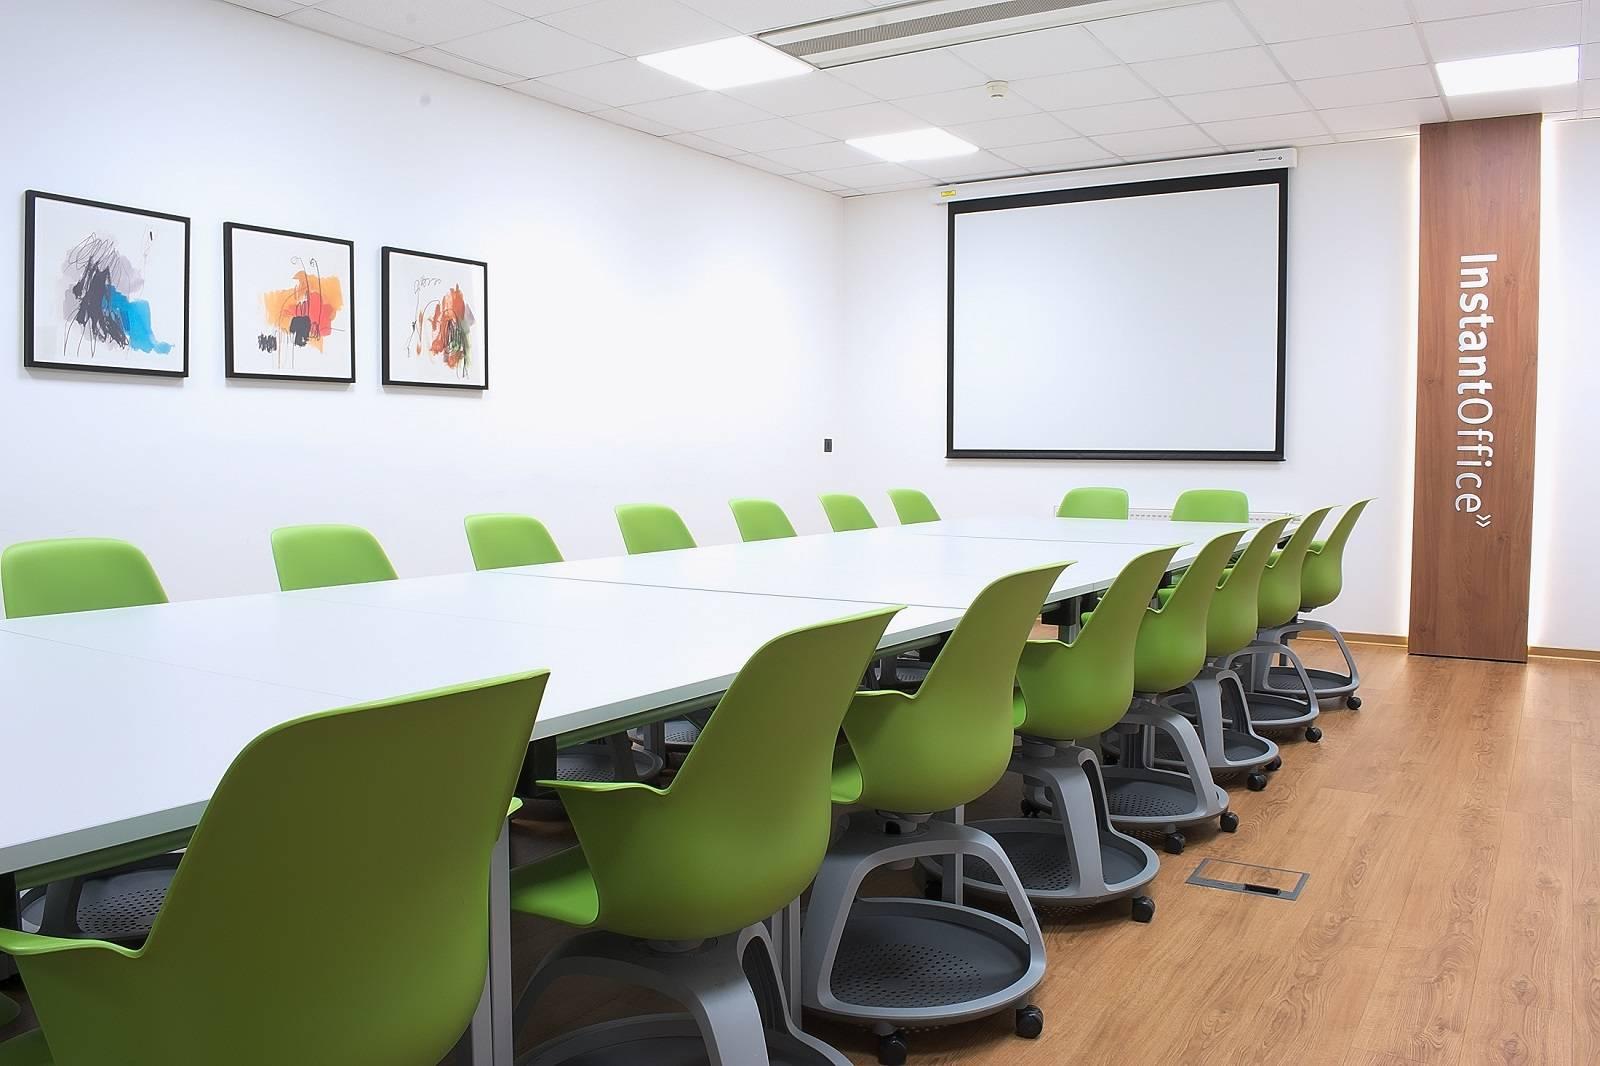 Što web mjesto za sastanke uk